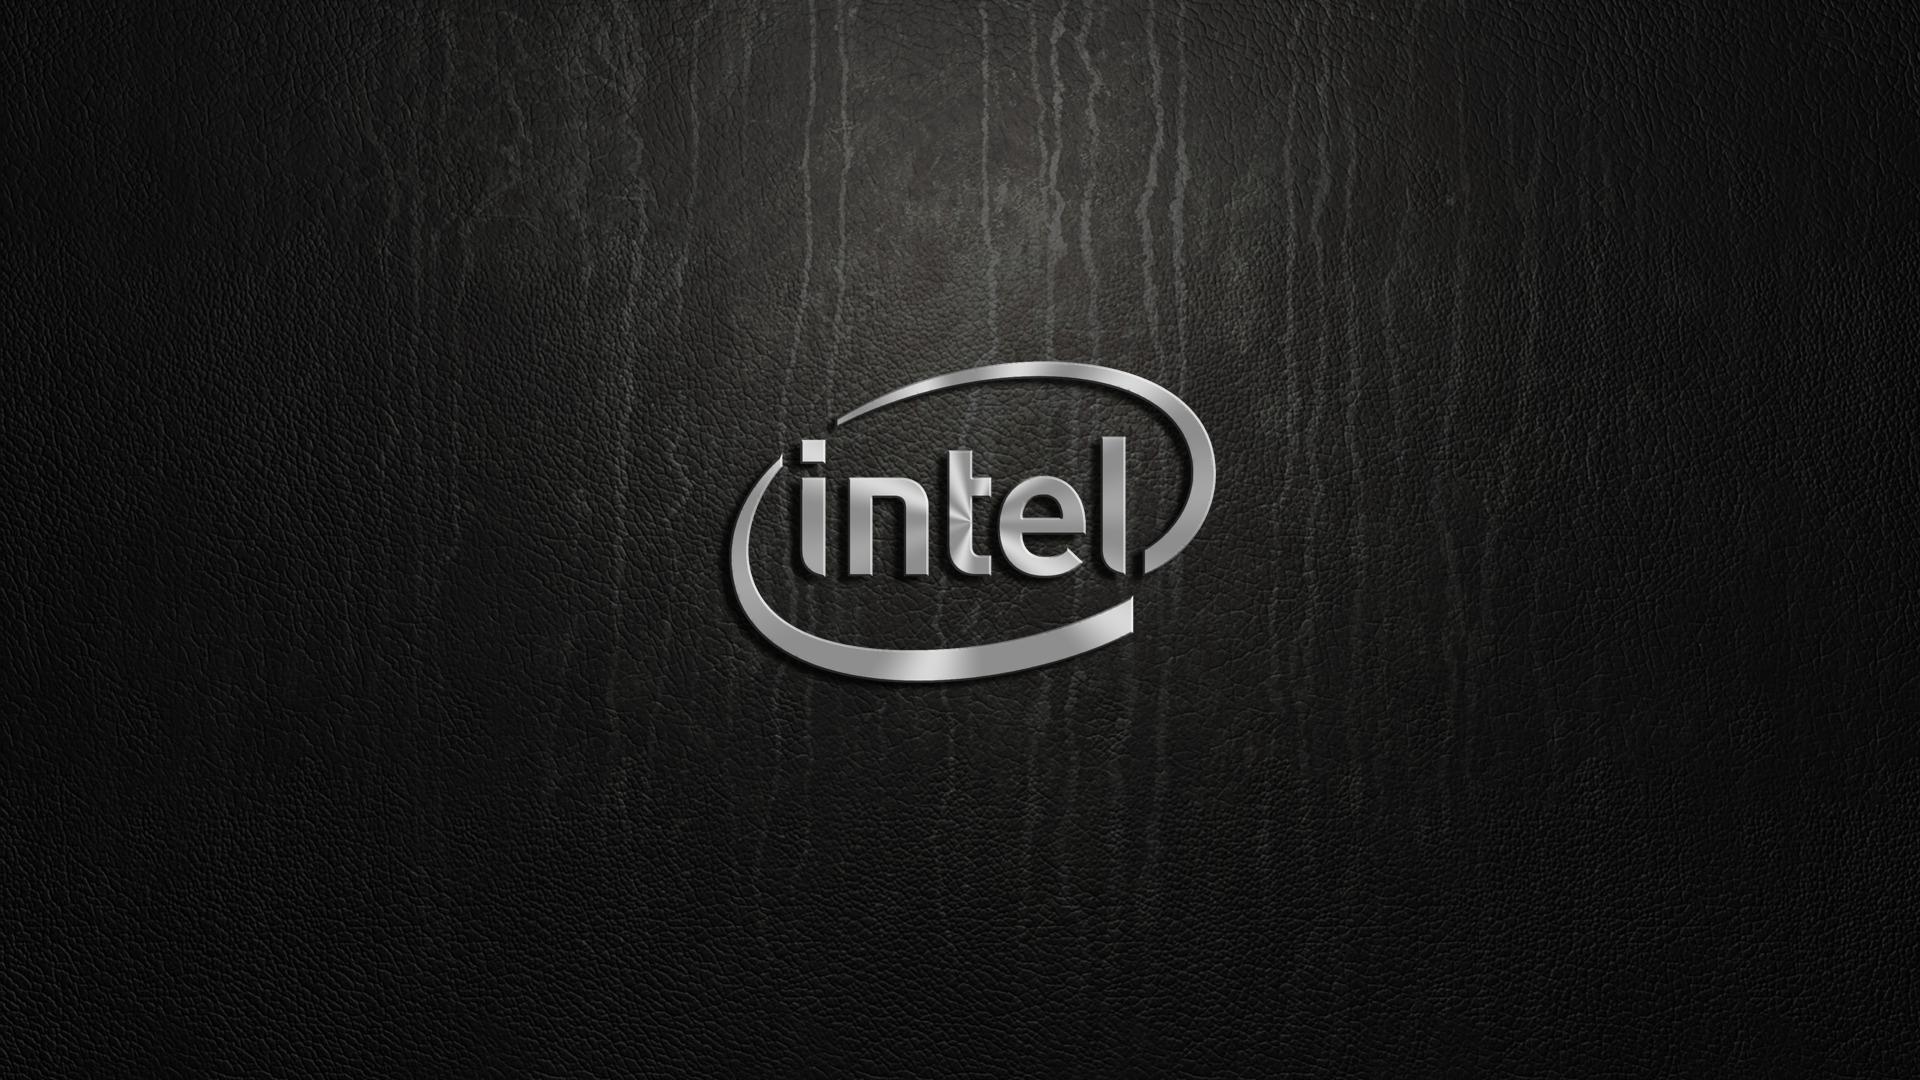 46 Intel Wallpaper 1920x1080 Hd On Wallpapersafari